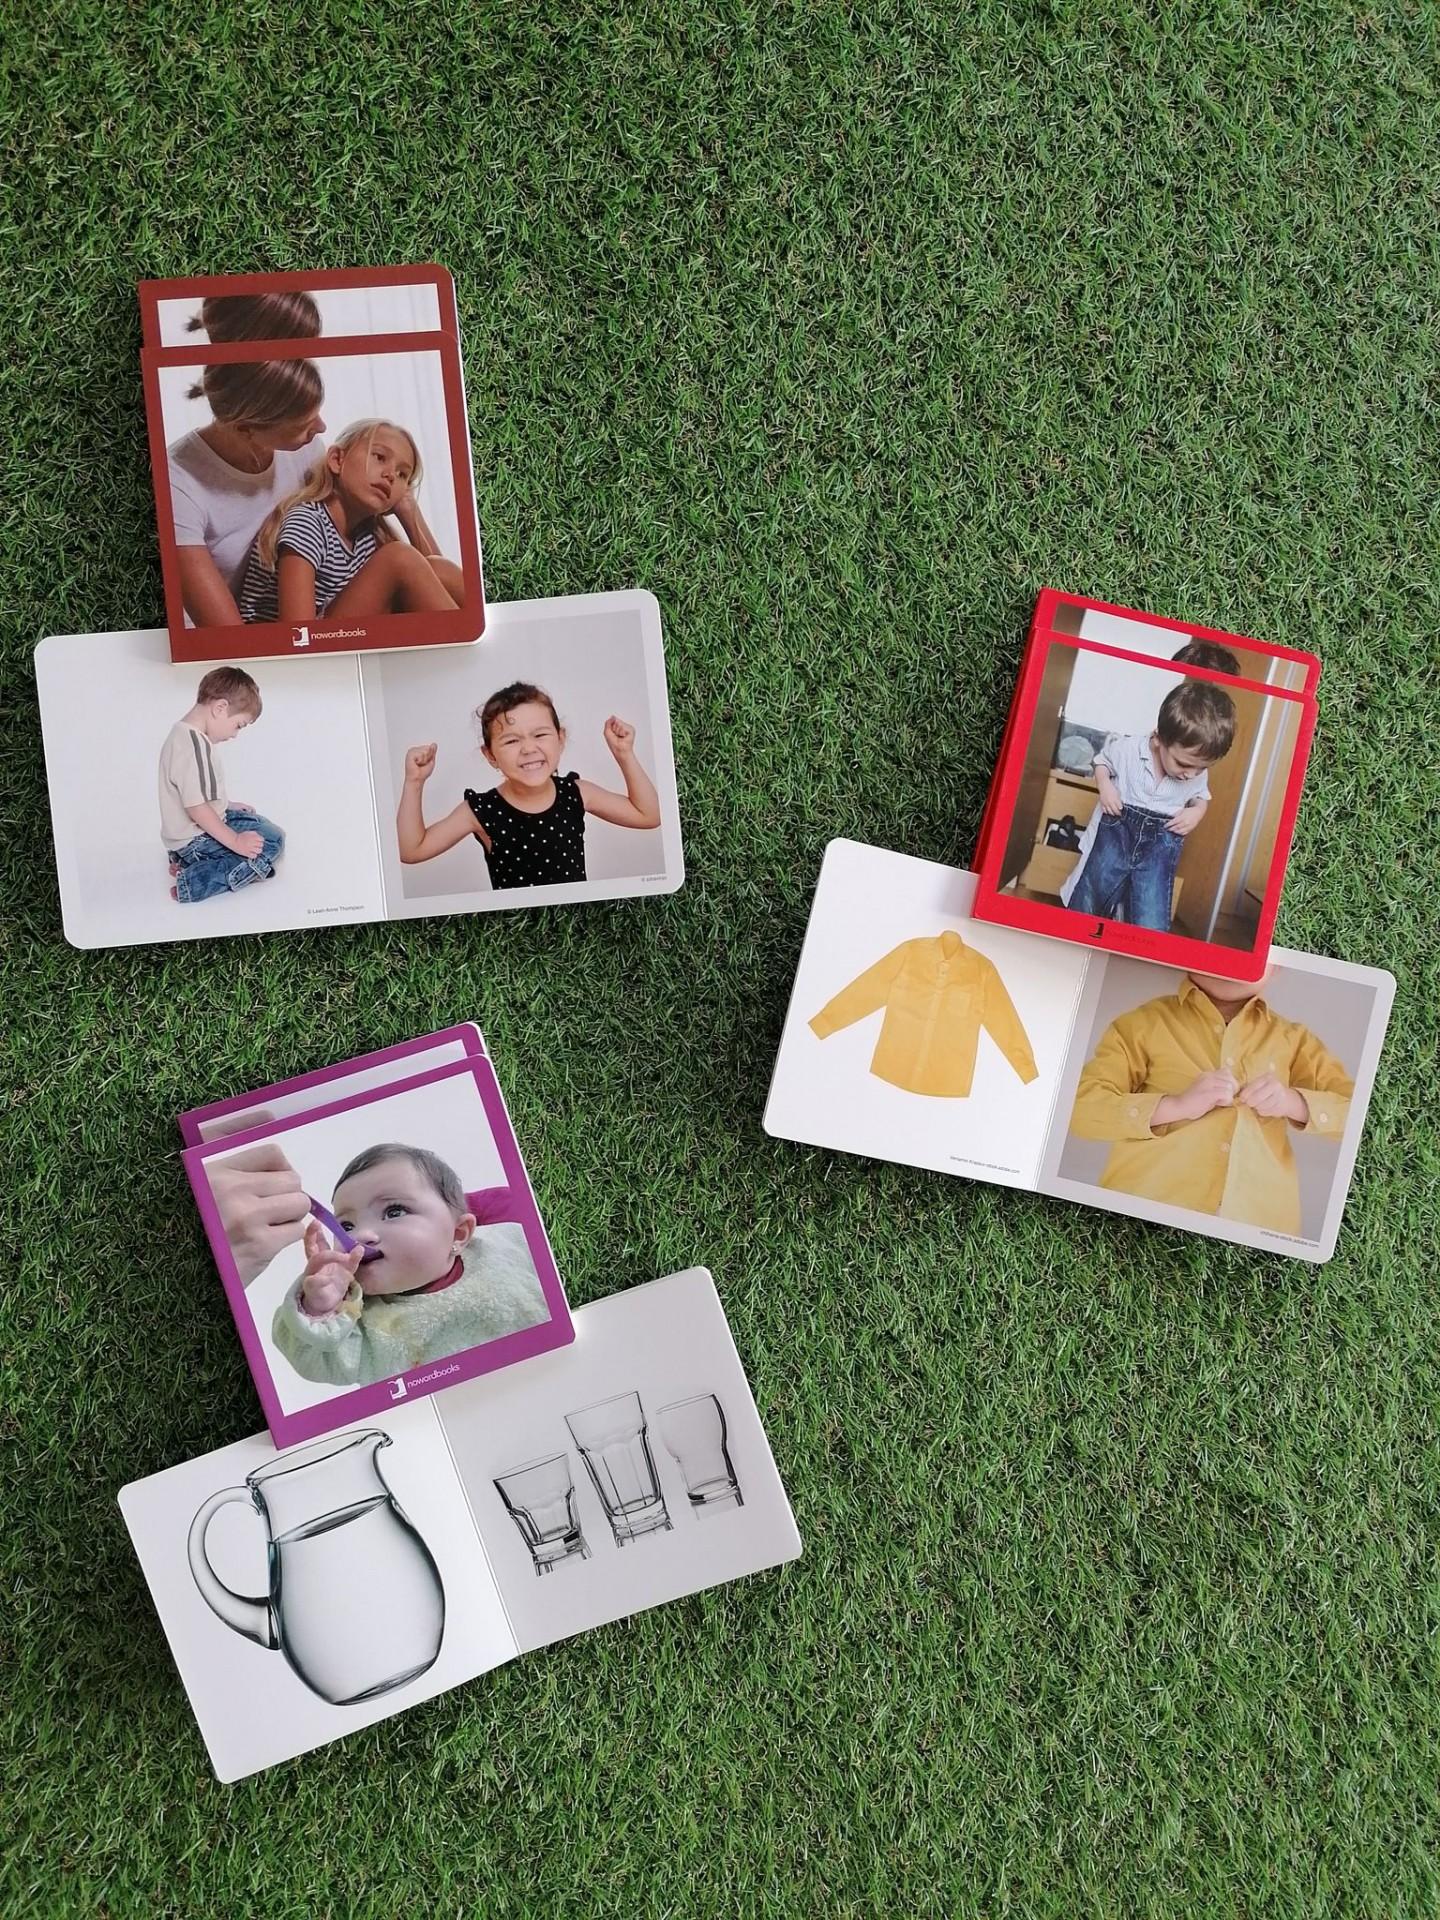 Pack 2 ou 3 Livros Imagens Reais